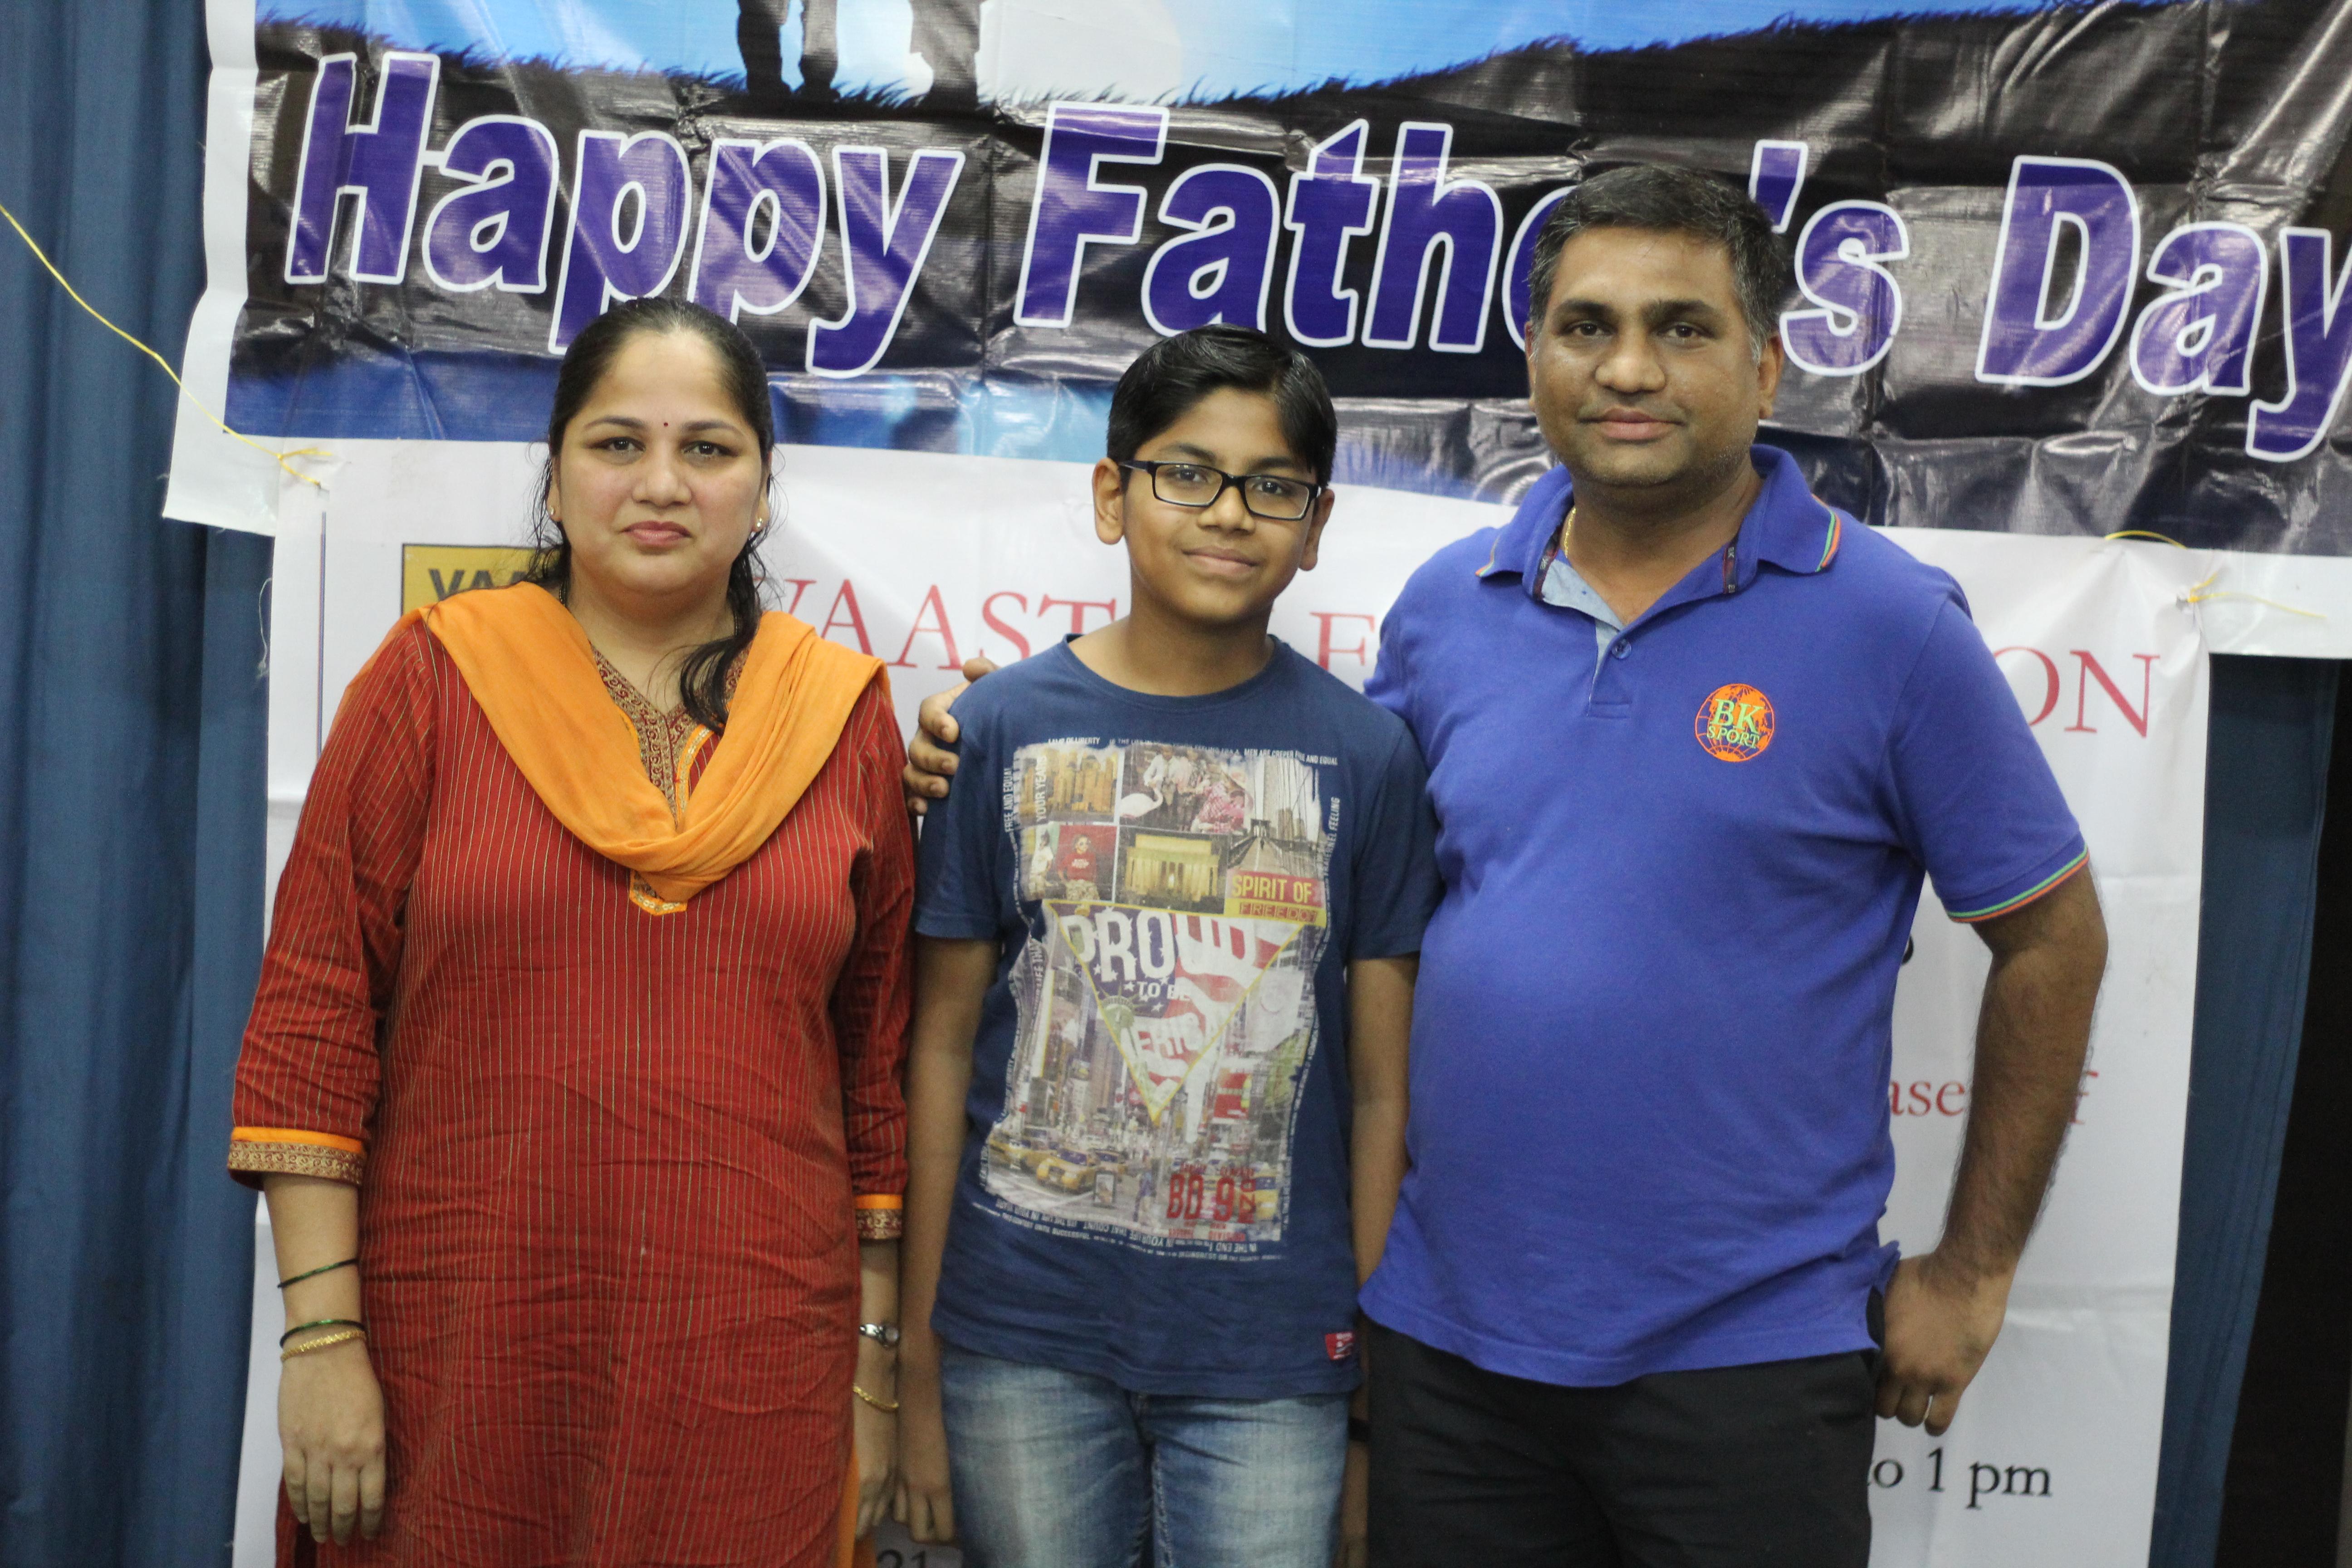 FathersDay2015 by GSat 212